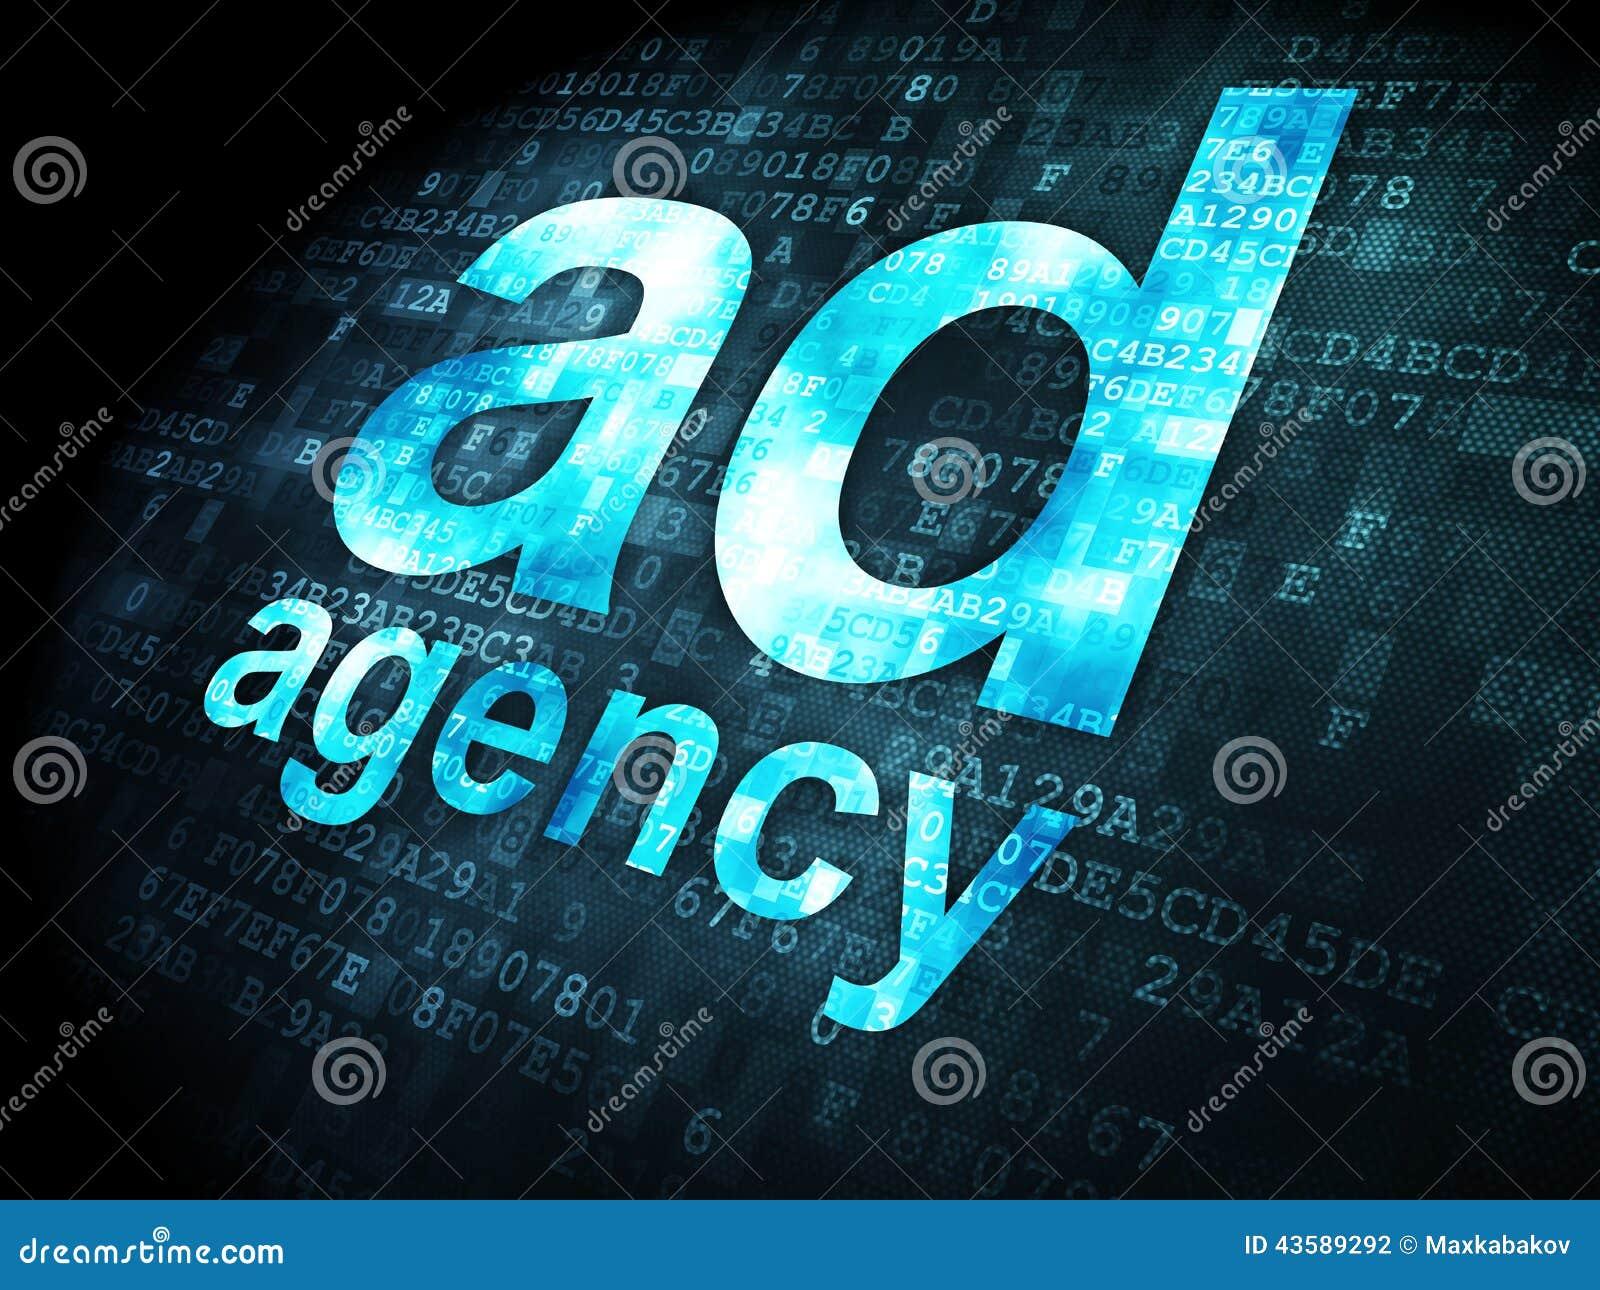 Reklamowy pojęcie: Agencja Reklamowa na cyfrowym